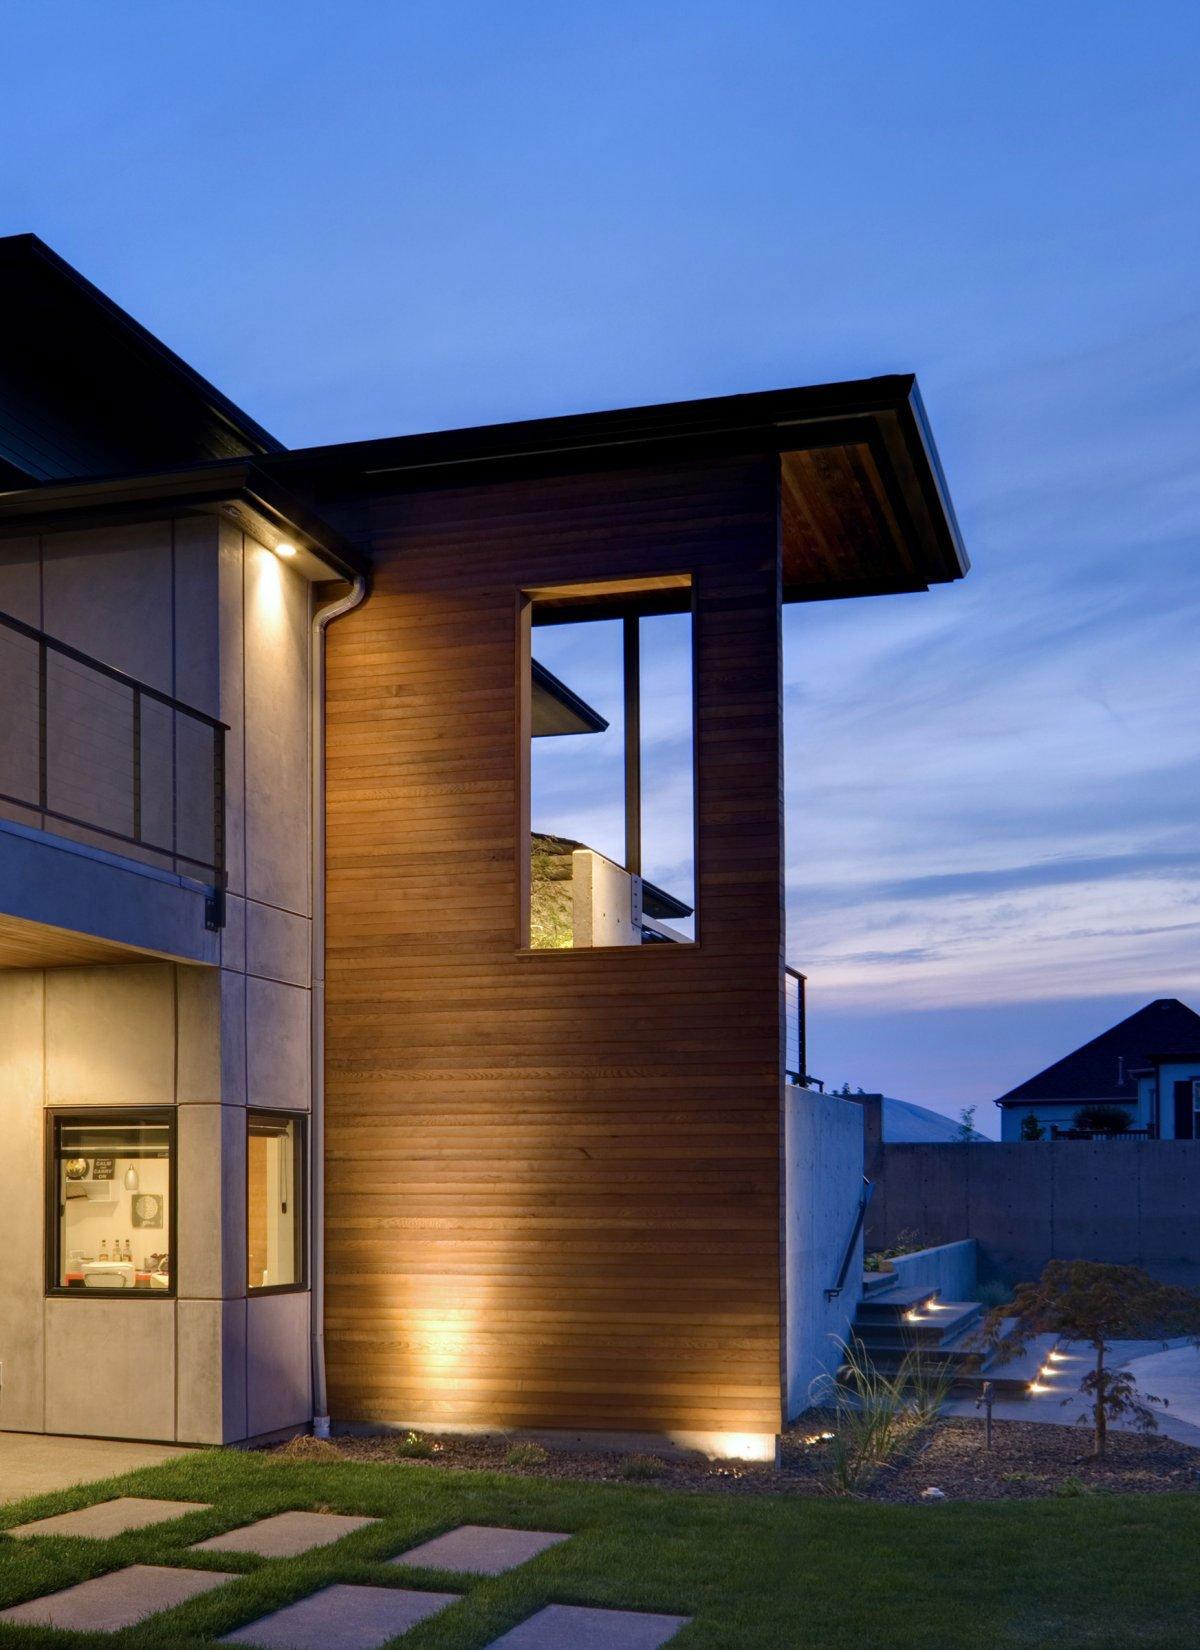 Badger-Mountain-House-24